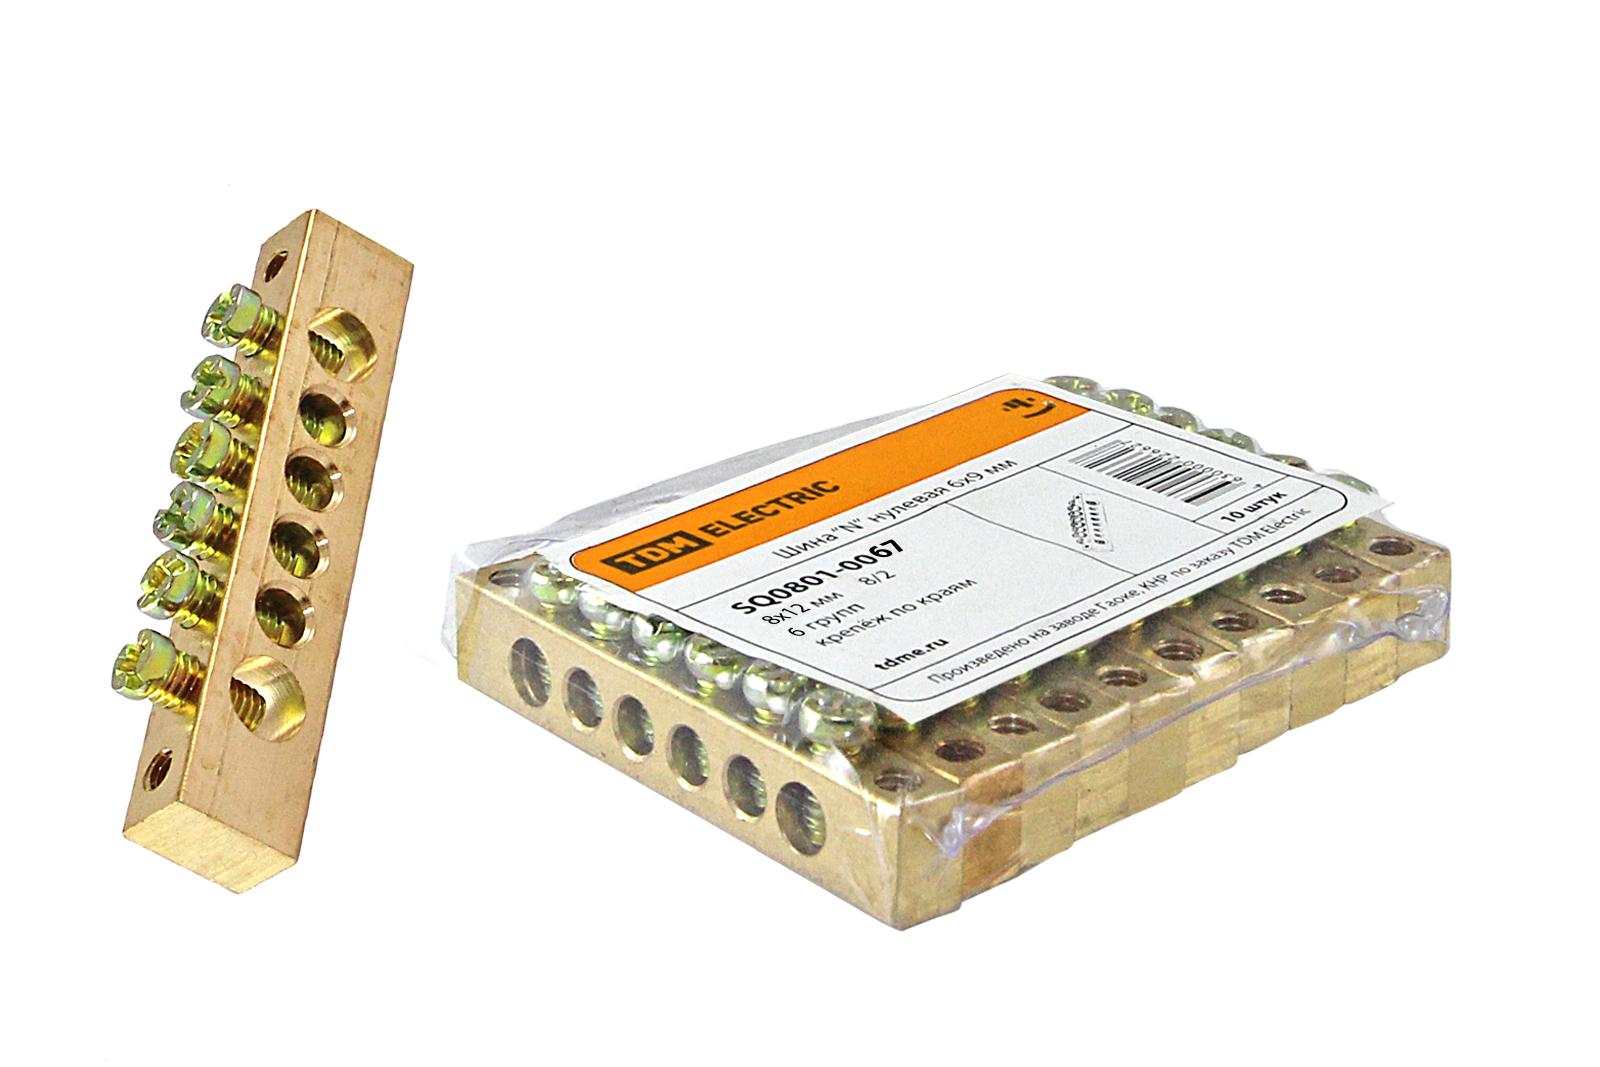 Шина ТДМЩиты электрические, боксы<br>Тип: шина,<br>Материал: латунь,<br>Использование: в помещении,<br>DIN рейка: одна,<br>Количество модулей: 6<br>